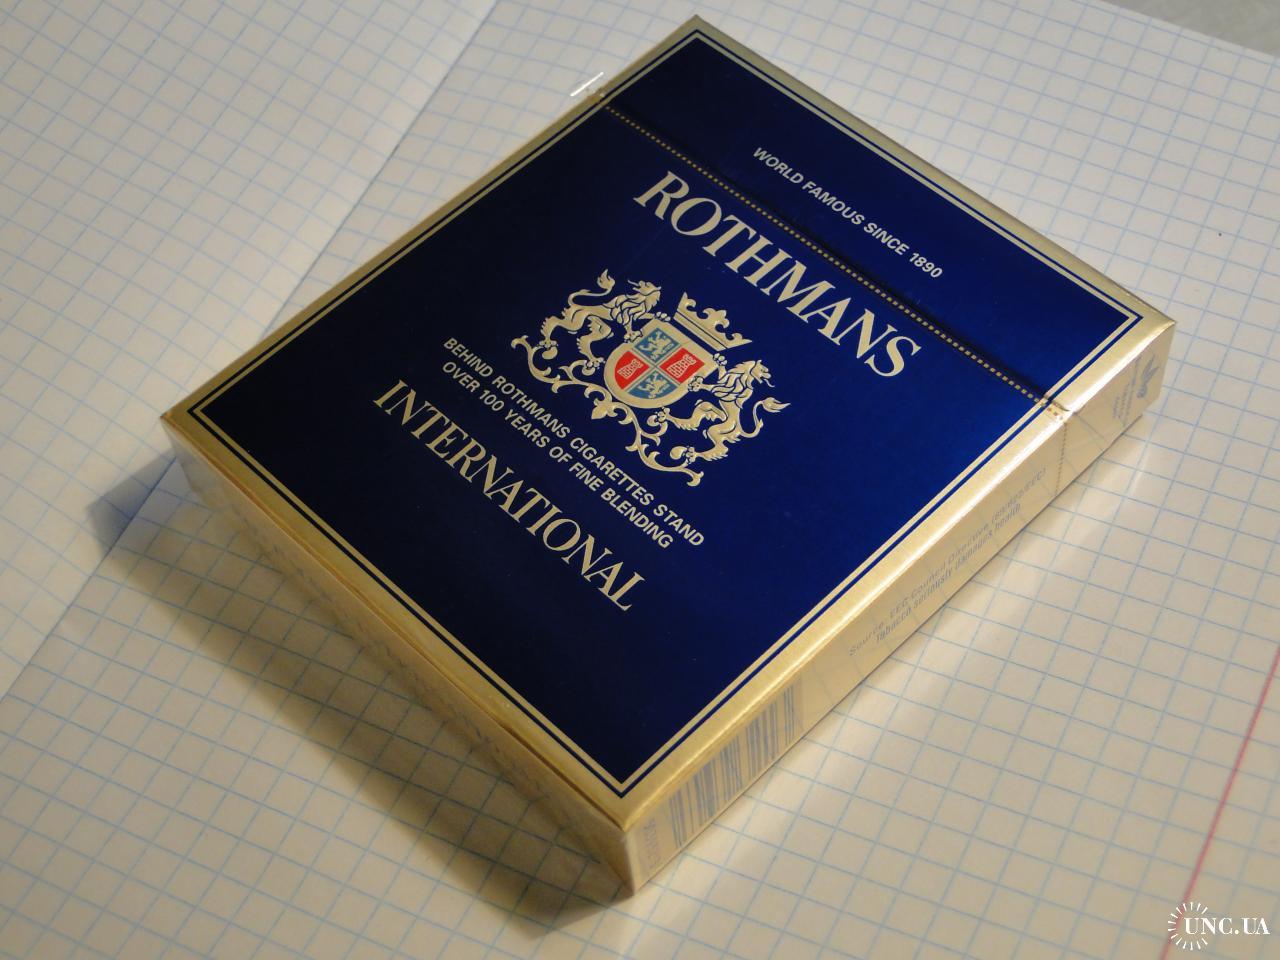 Ротманс интернешнл сигареты купить noy сигареты купить